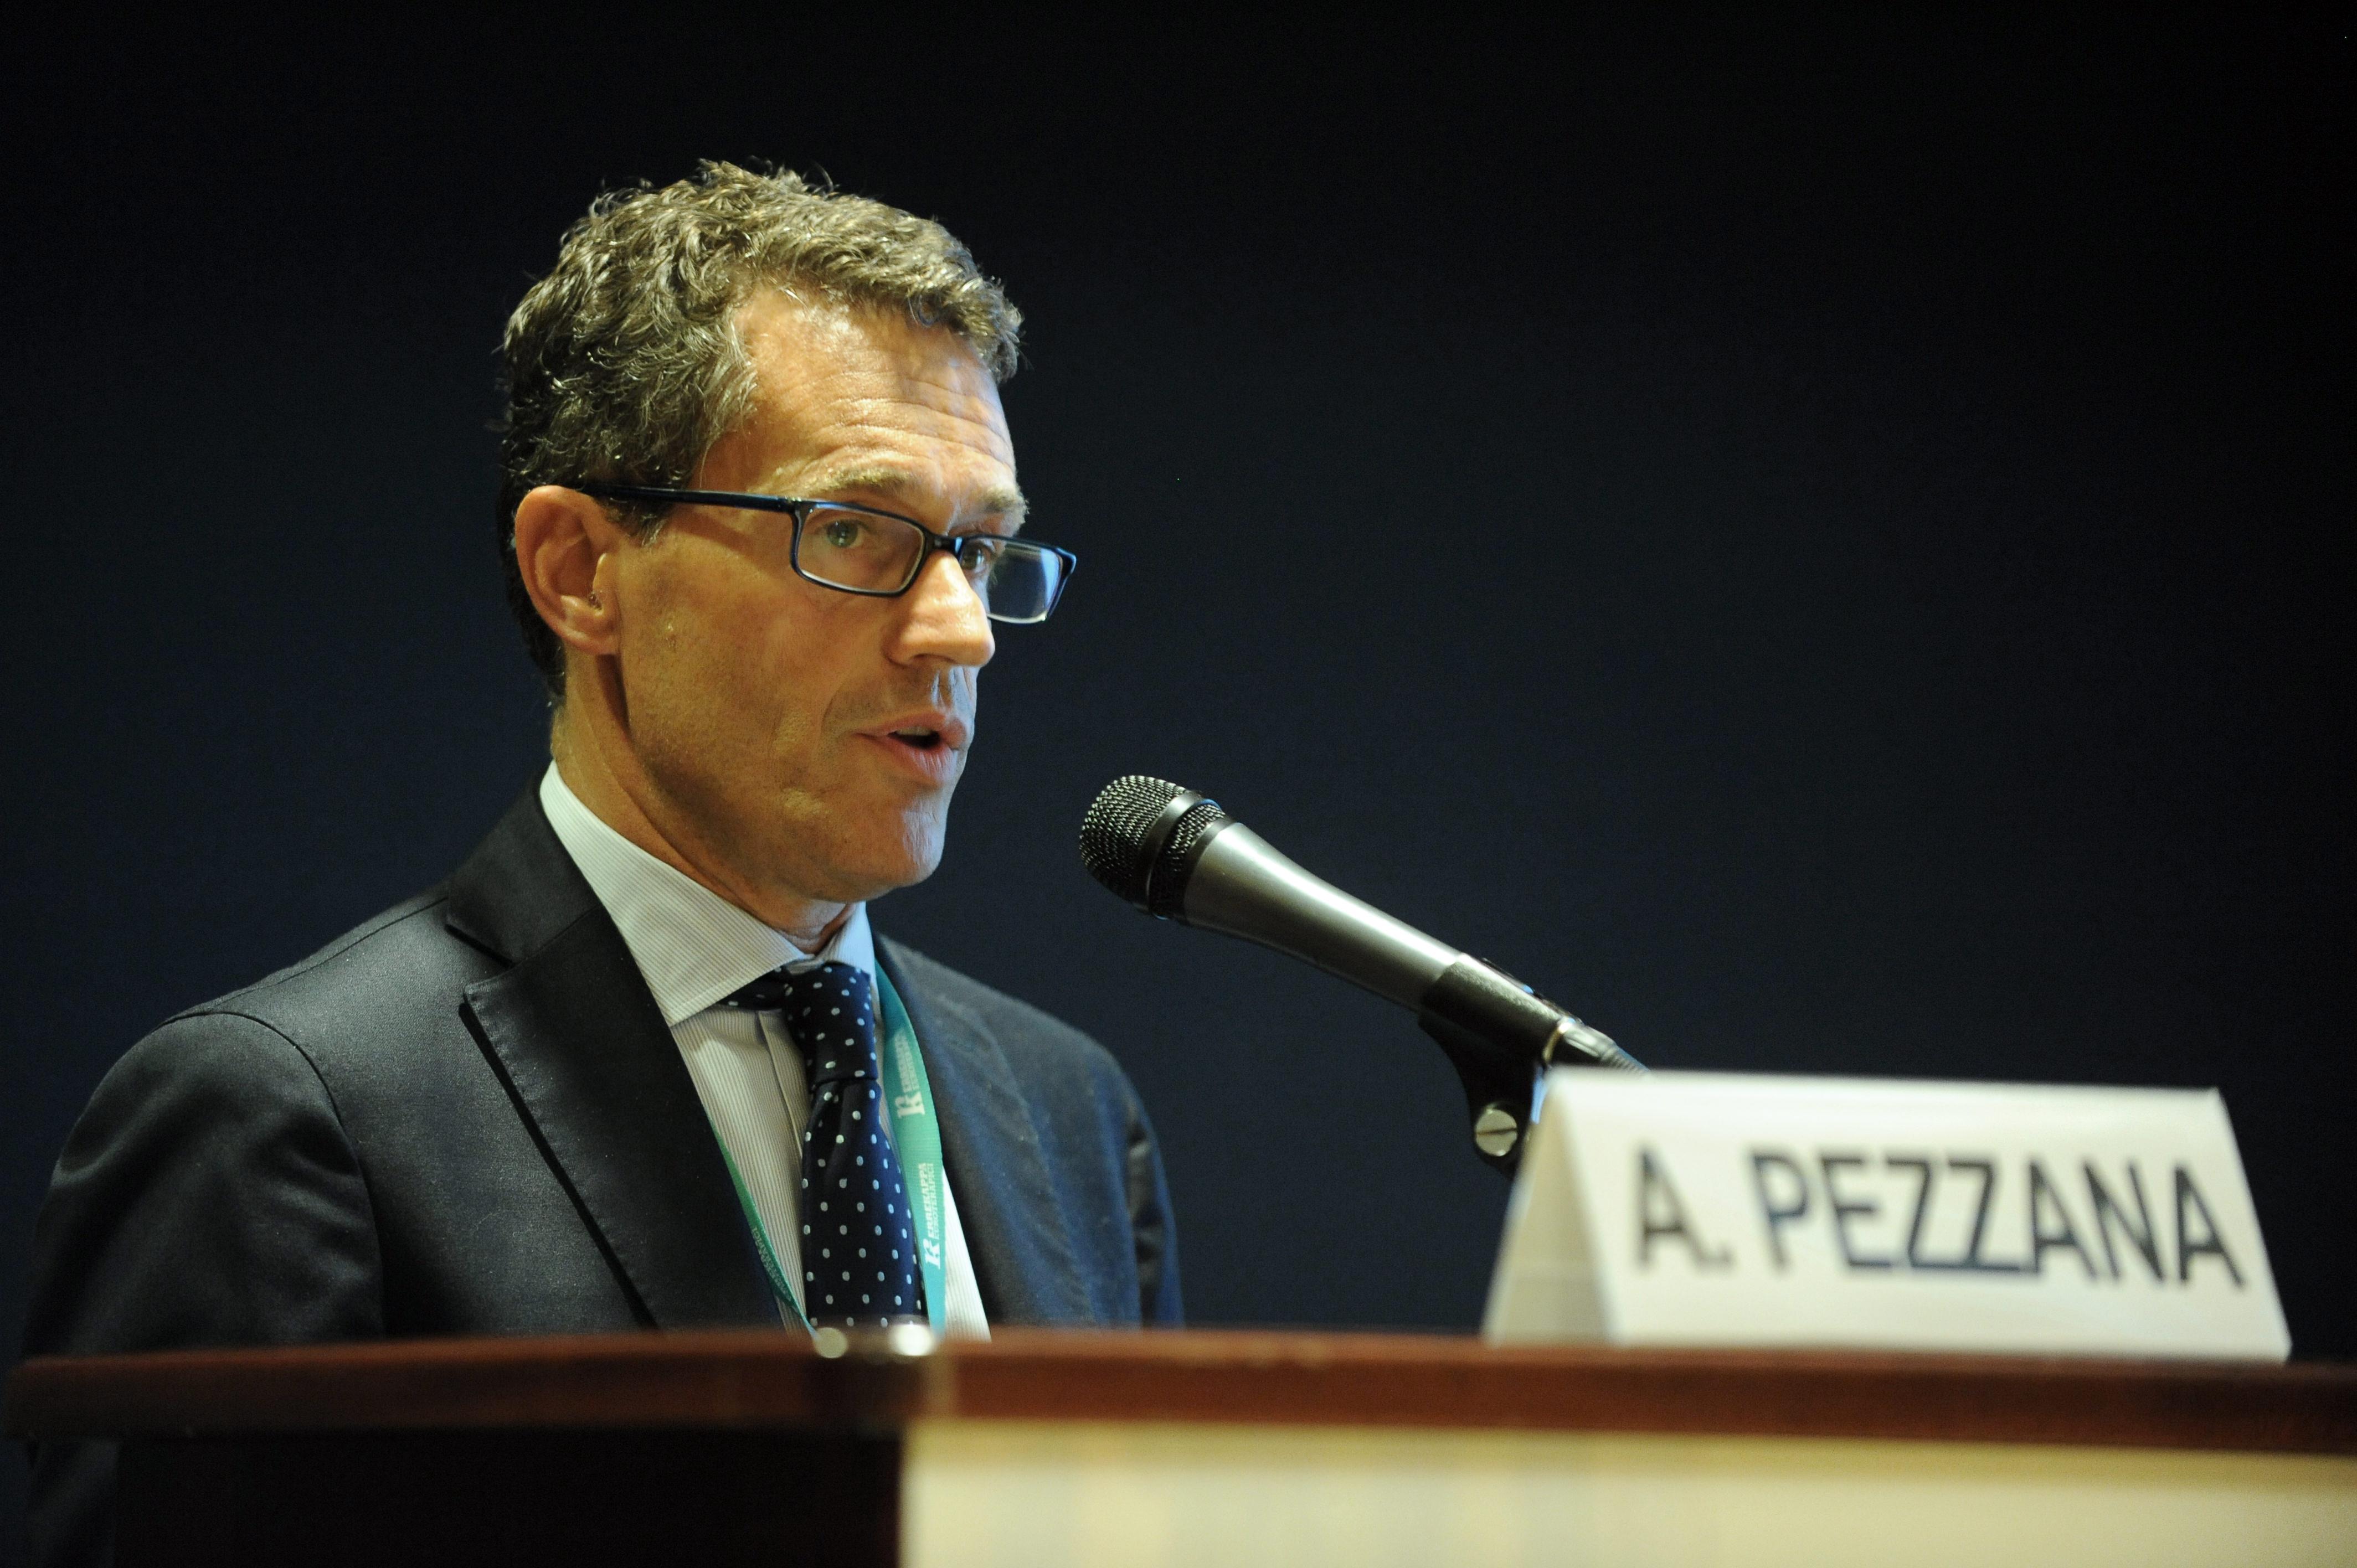 Pezzana Andrea